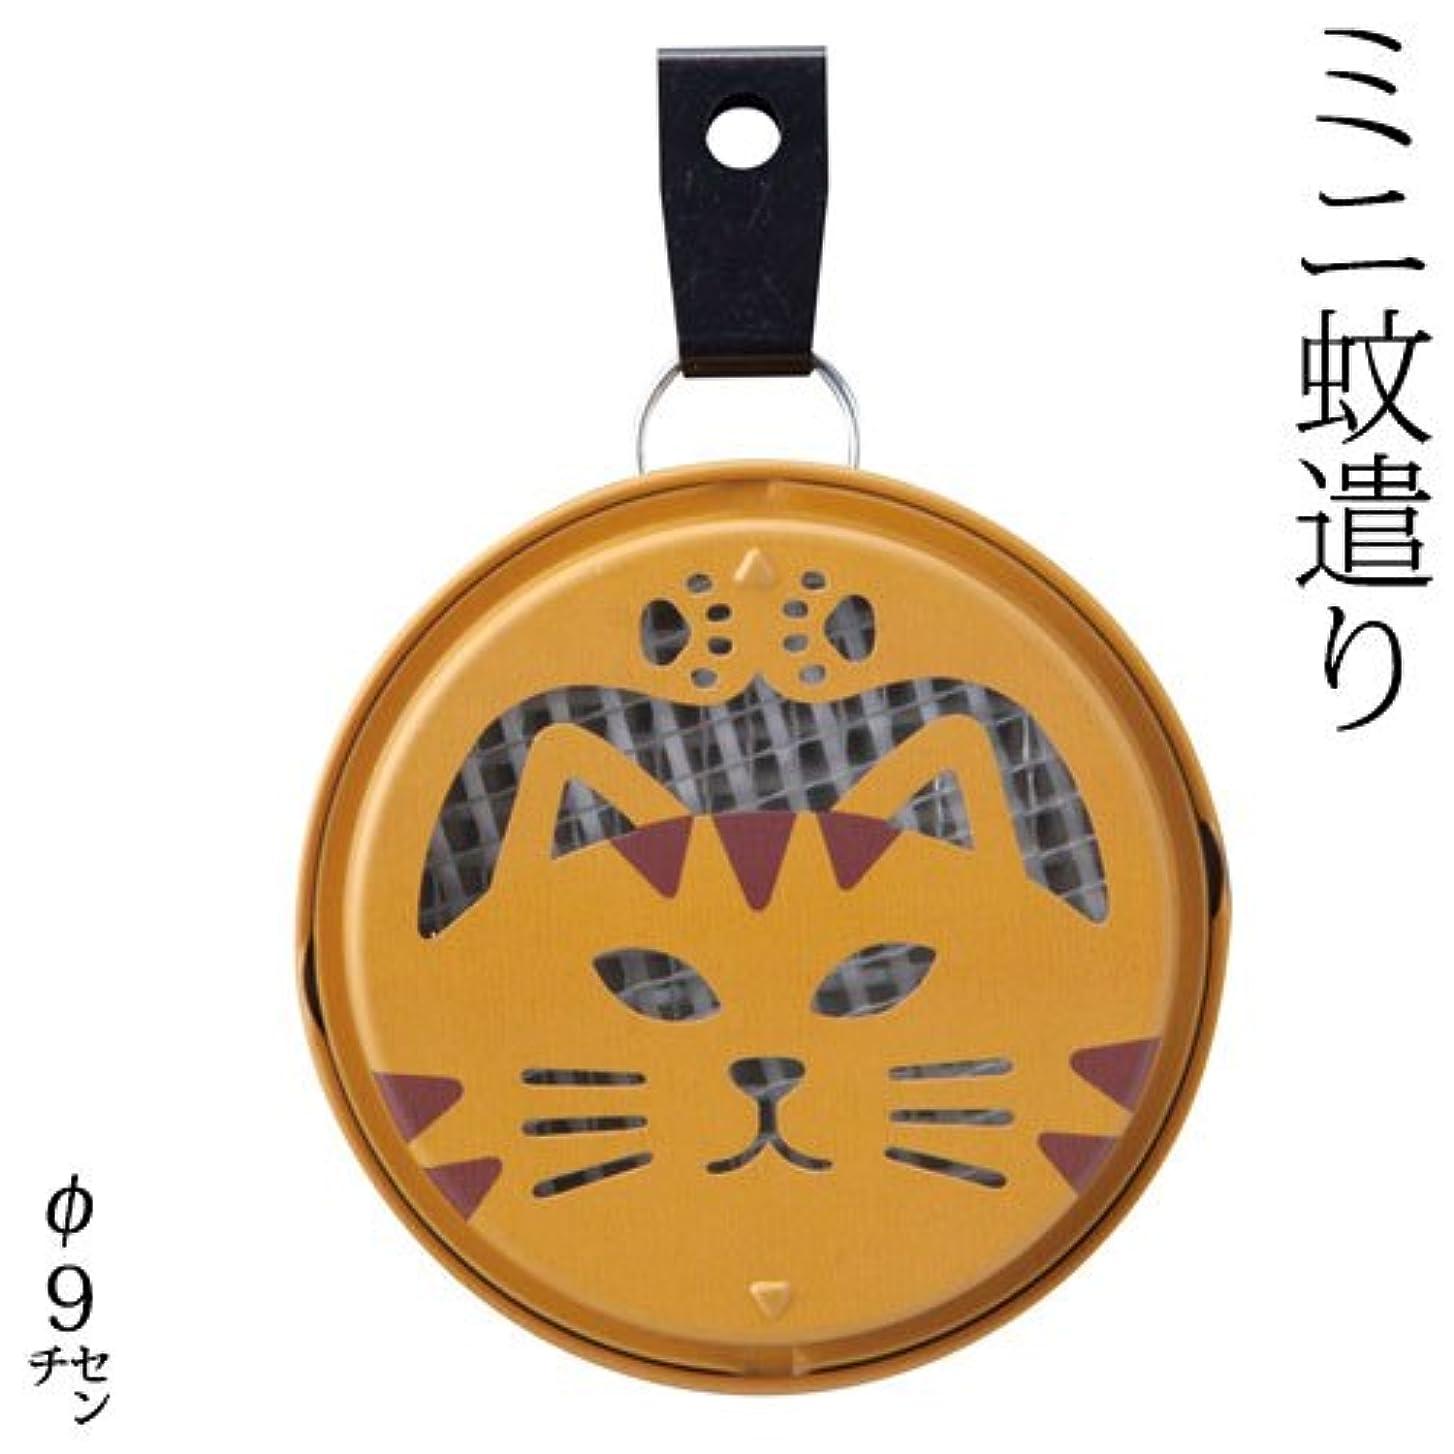 空いている寛容眩惑するDECOLEポータブルミニ蚊遣りトラ猫 (SK-87513)吊り下げ?床置き対応Portable mini Kayari